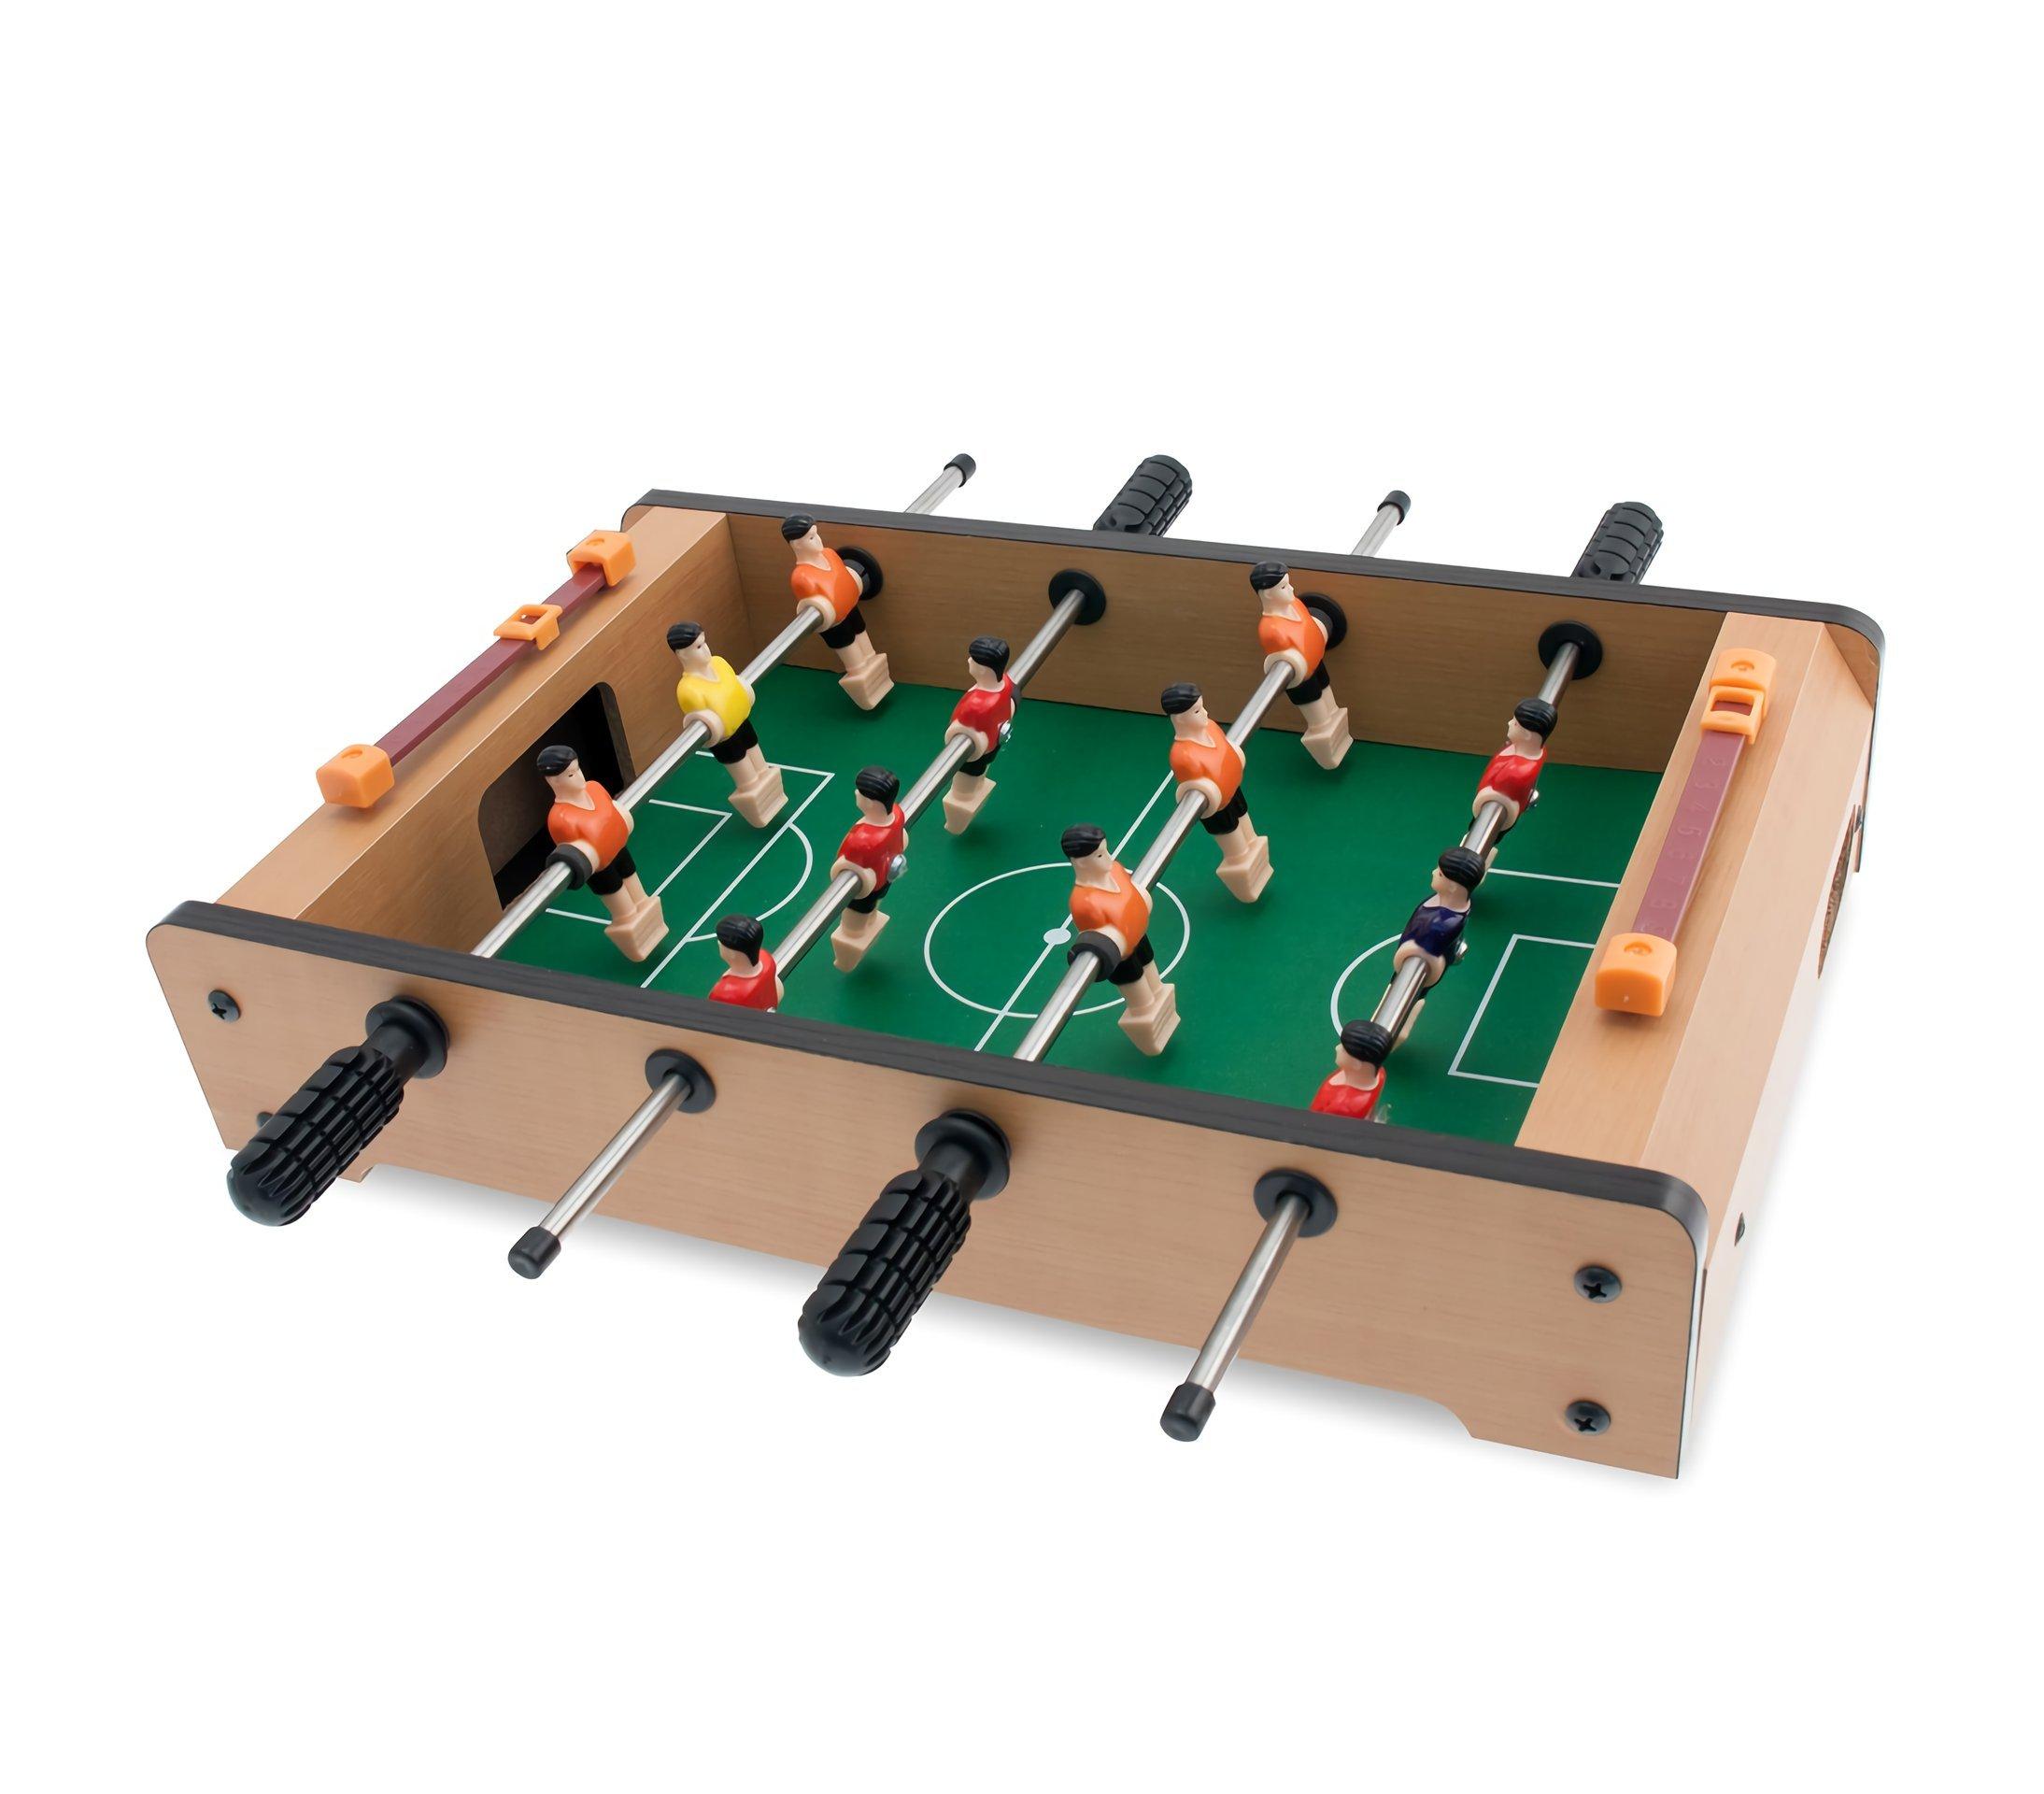 634430 Mini futbolín con 12 jugadores 4 líneas 36 x 22 x 7cm ...